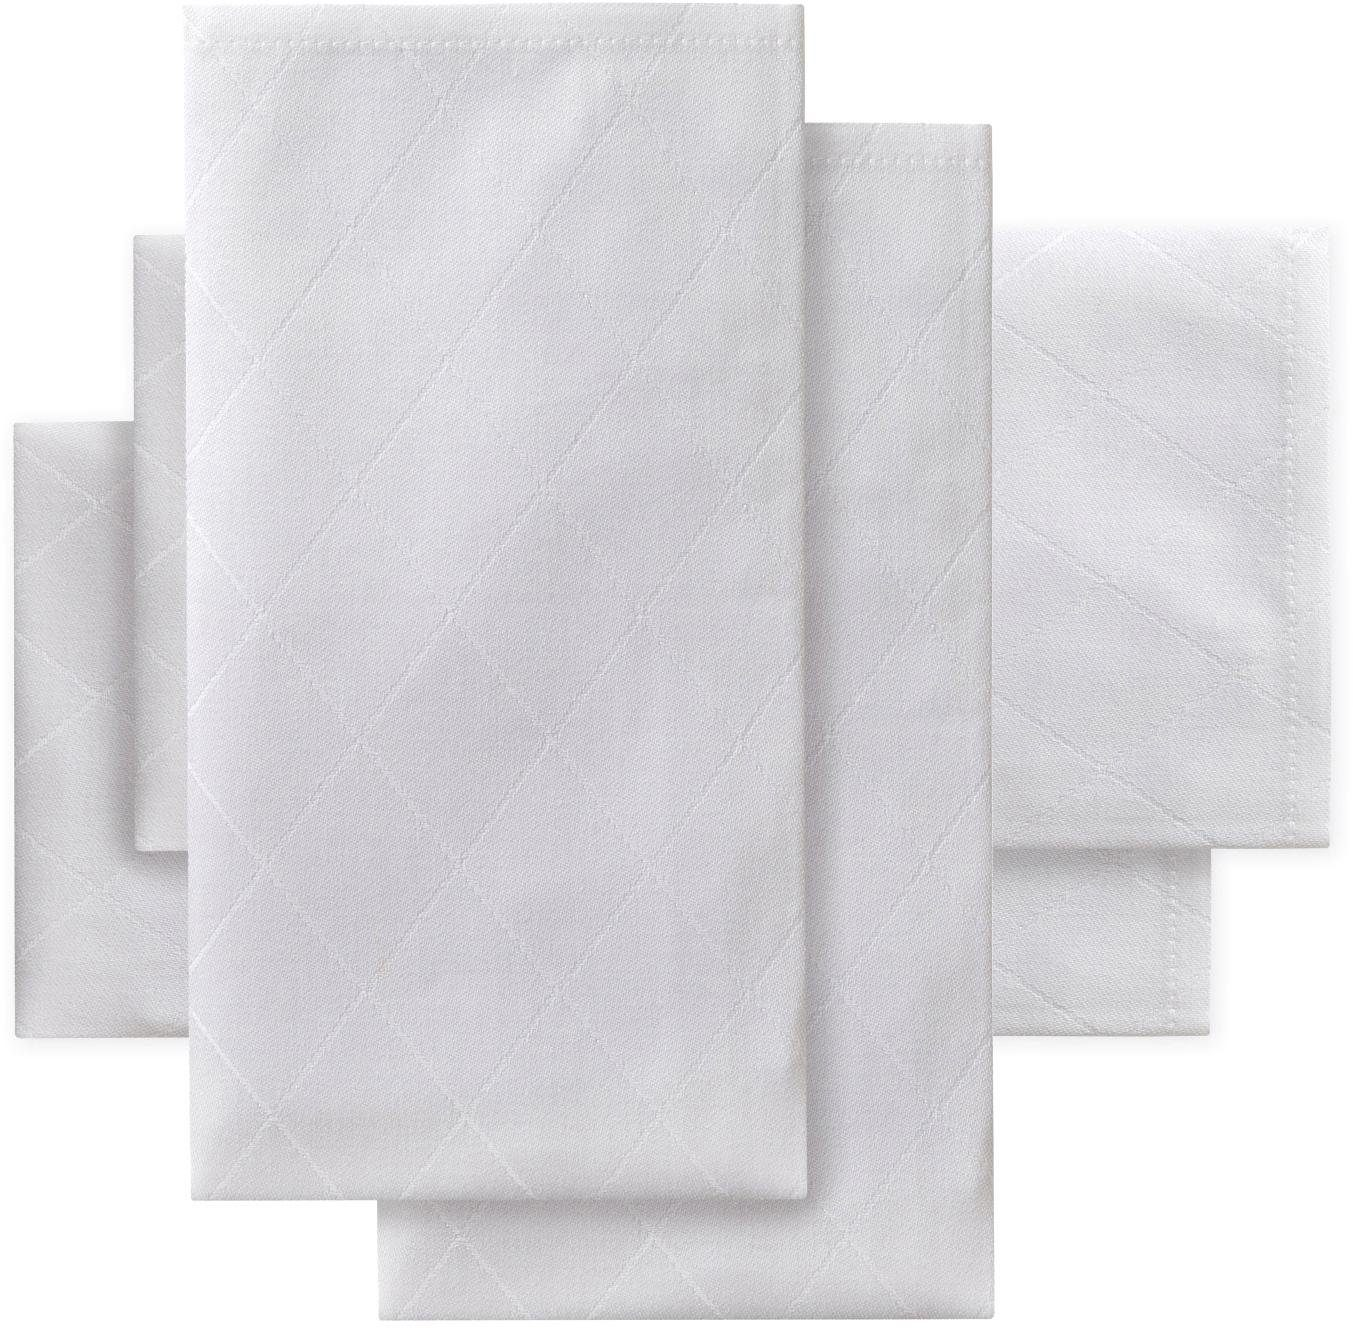 DDDDD Stoffserviette Rhomus, Damast, 50x50 cm weiß Stoffservietten Tischwäsche